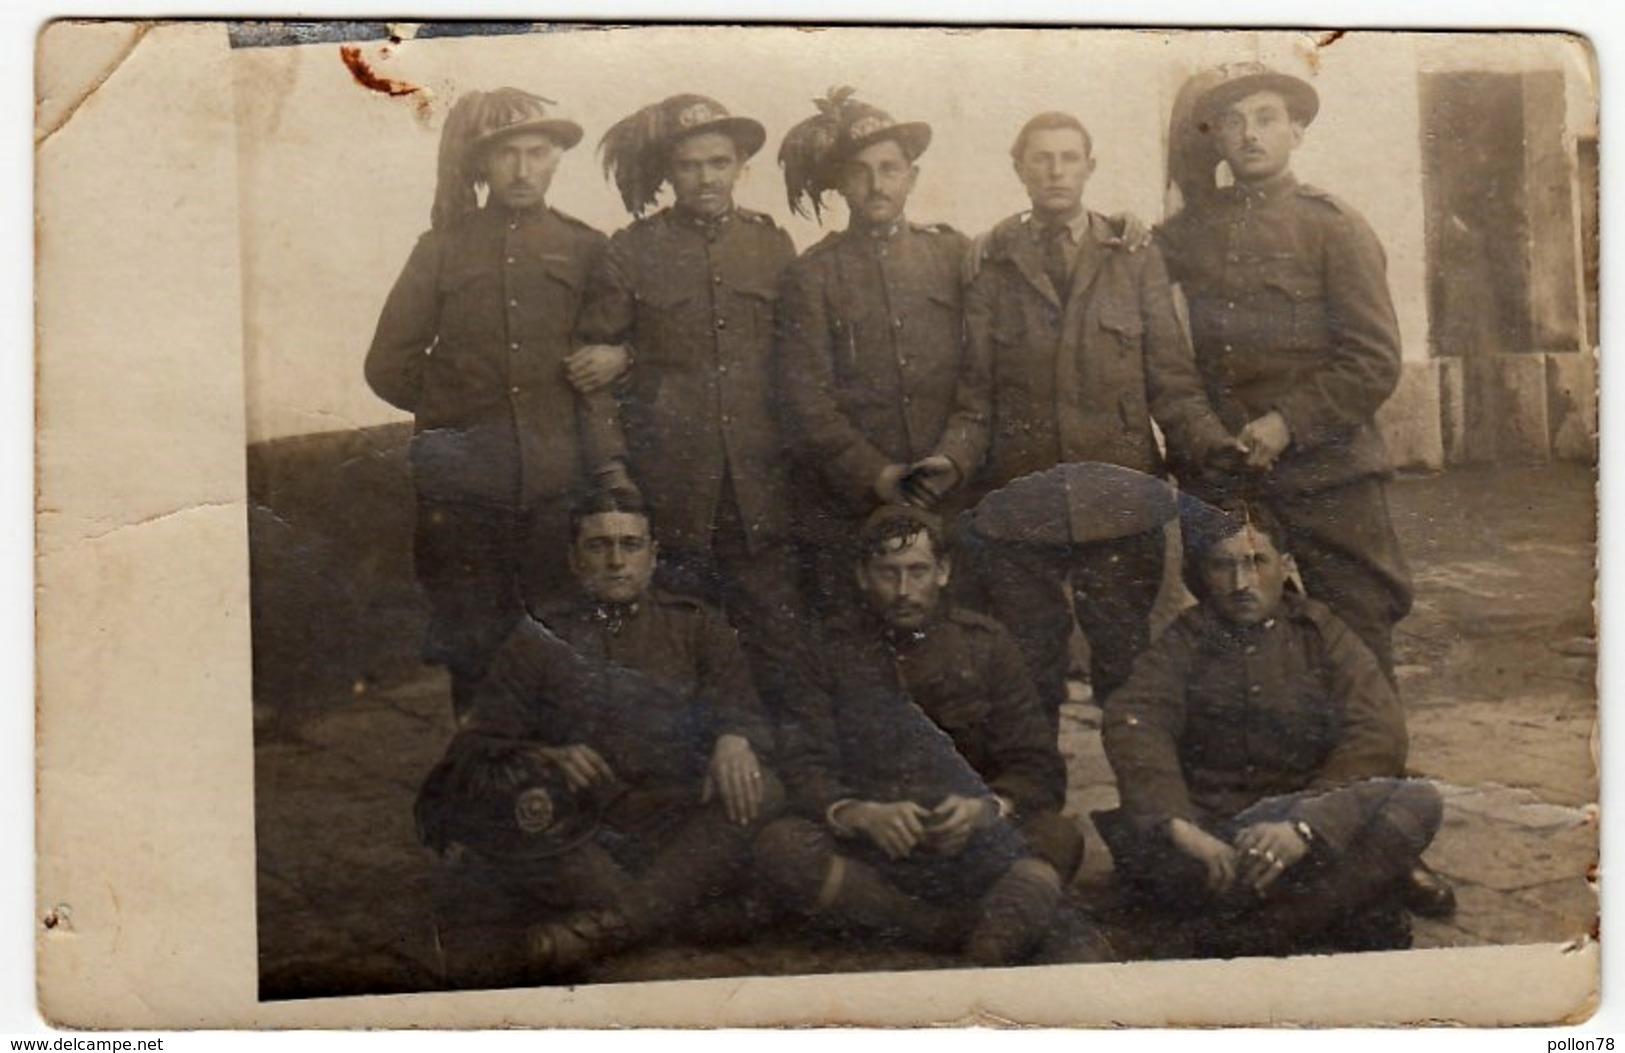 VECCHIA FOTOGRAFIA - OLD PHOTO - MILITARI - BERSAGLIERI - 1919 - Vedi Retro - War, Military